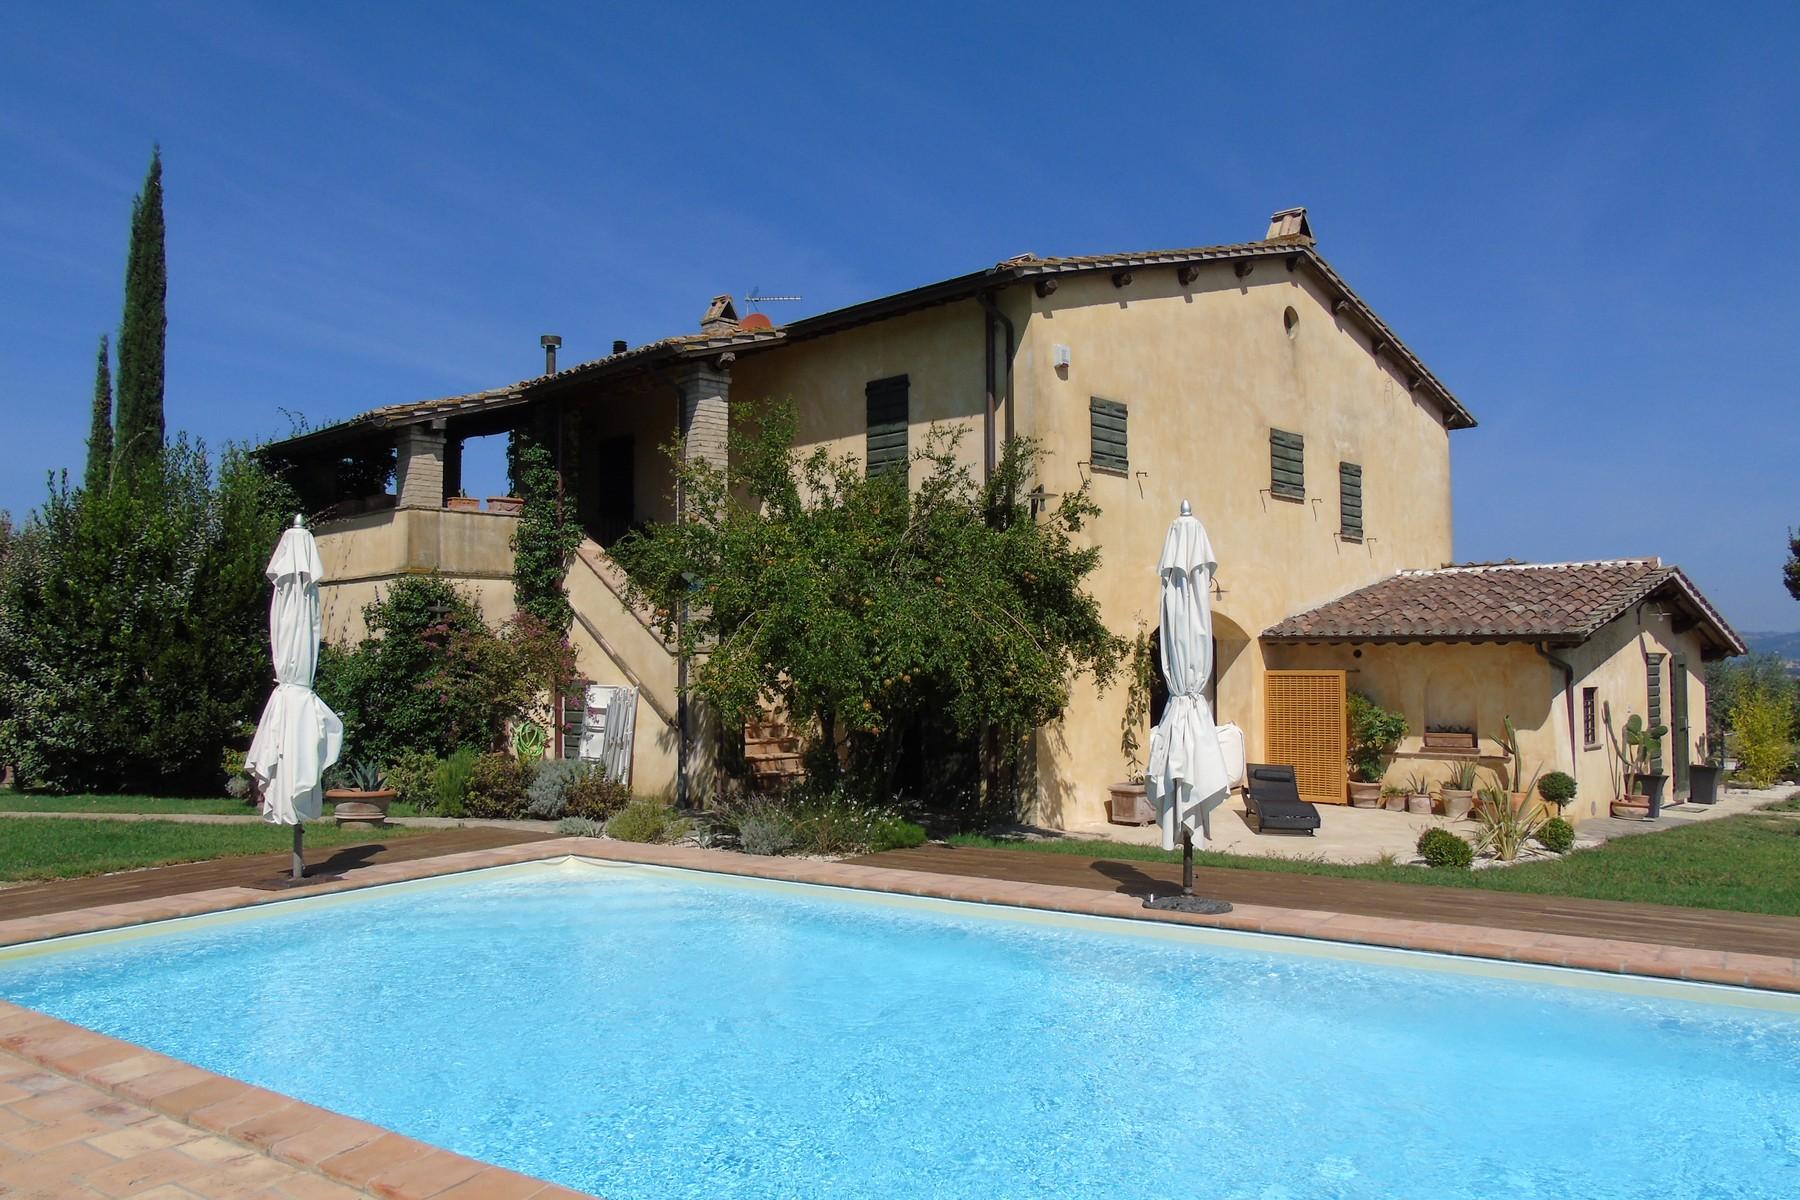 Splendido Casale in posizione panoramica con bellissima vista di Assisi